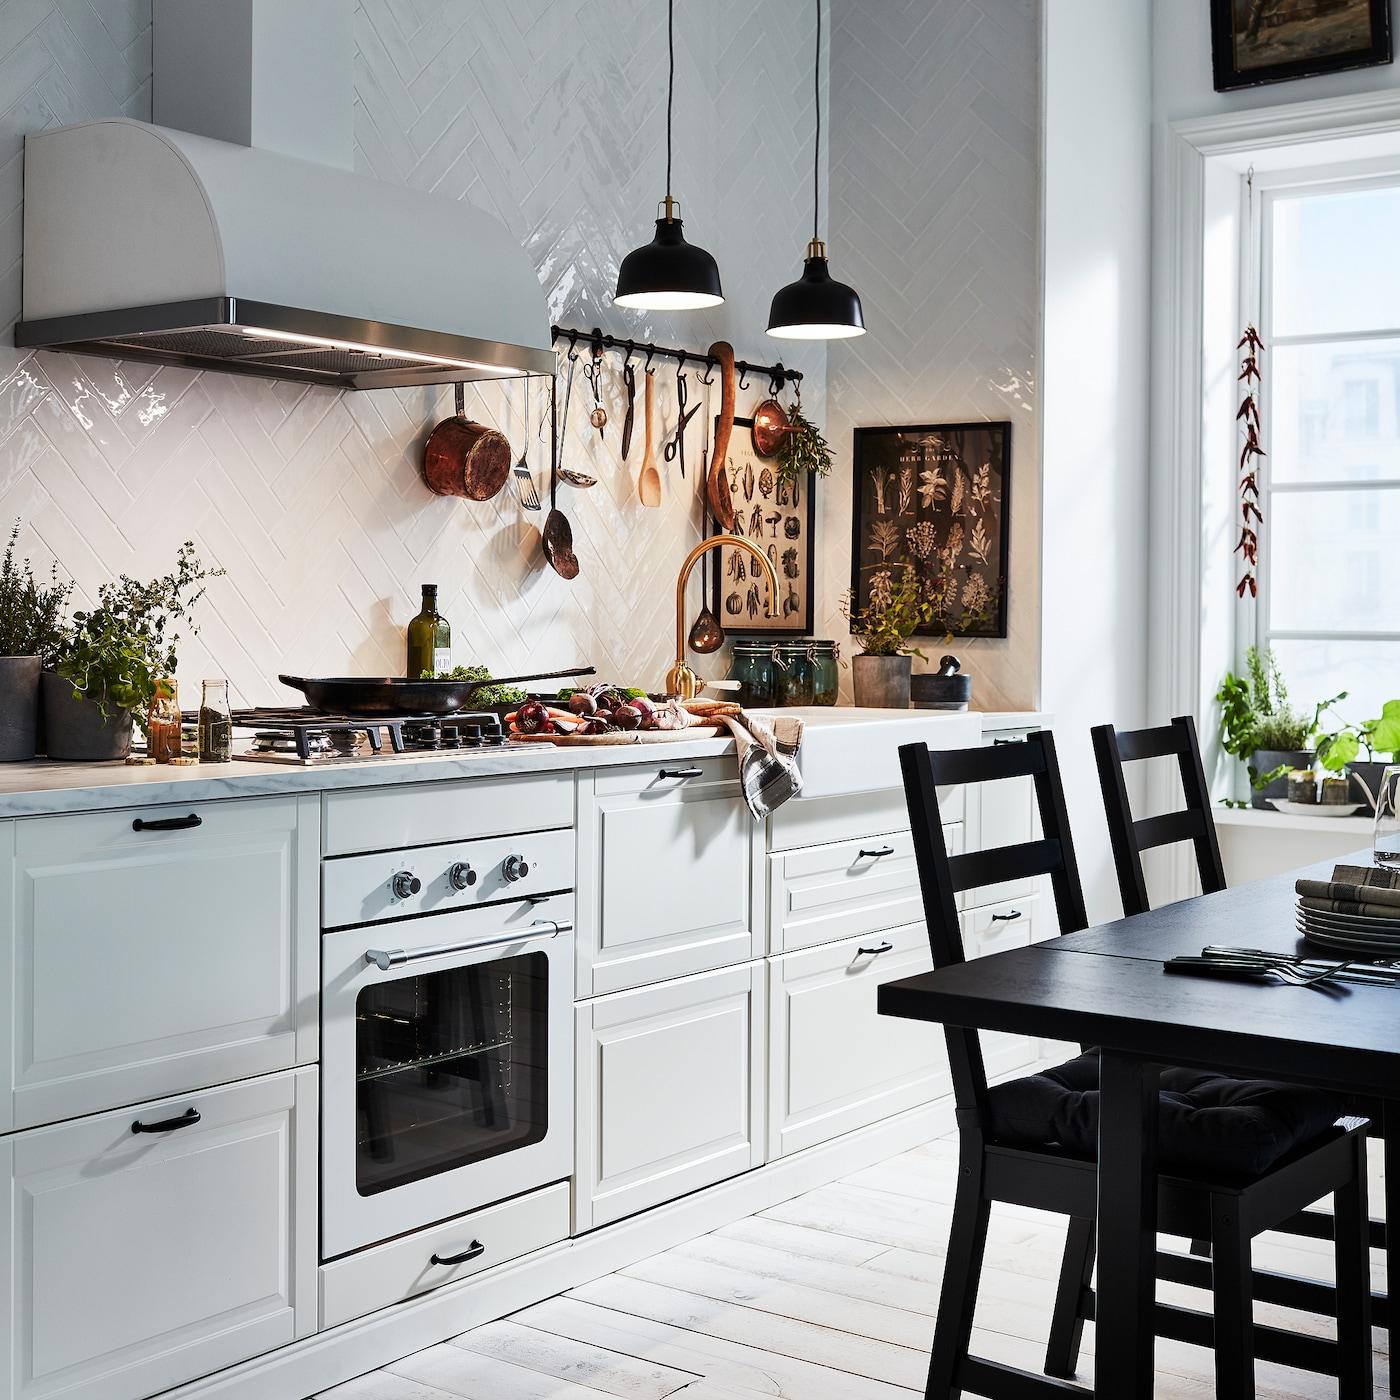 两个黑色吊灯照亮了米白色的 BODBYN 伯德比 厨房。一张黑色桌子旁边摆放着两把黑色椅子。